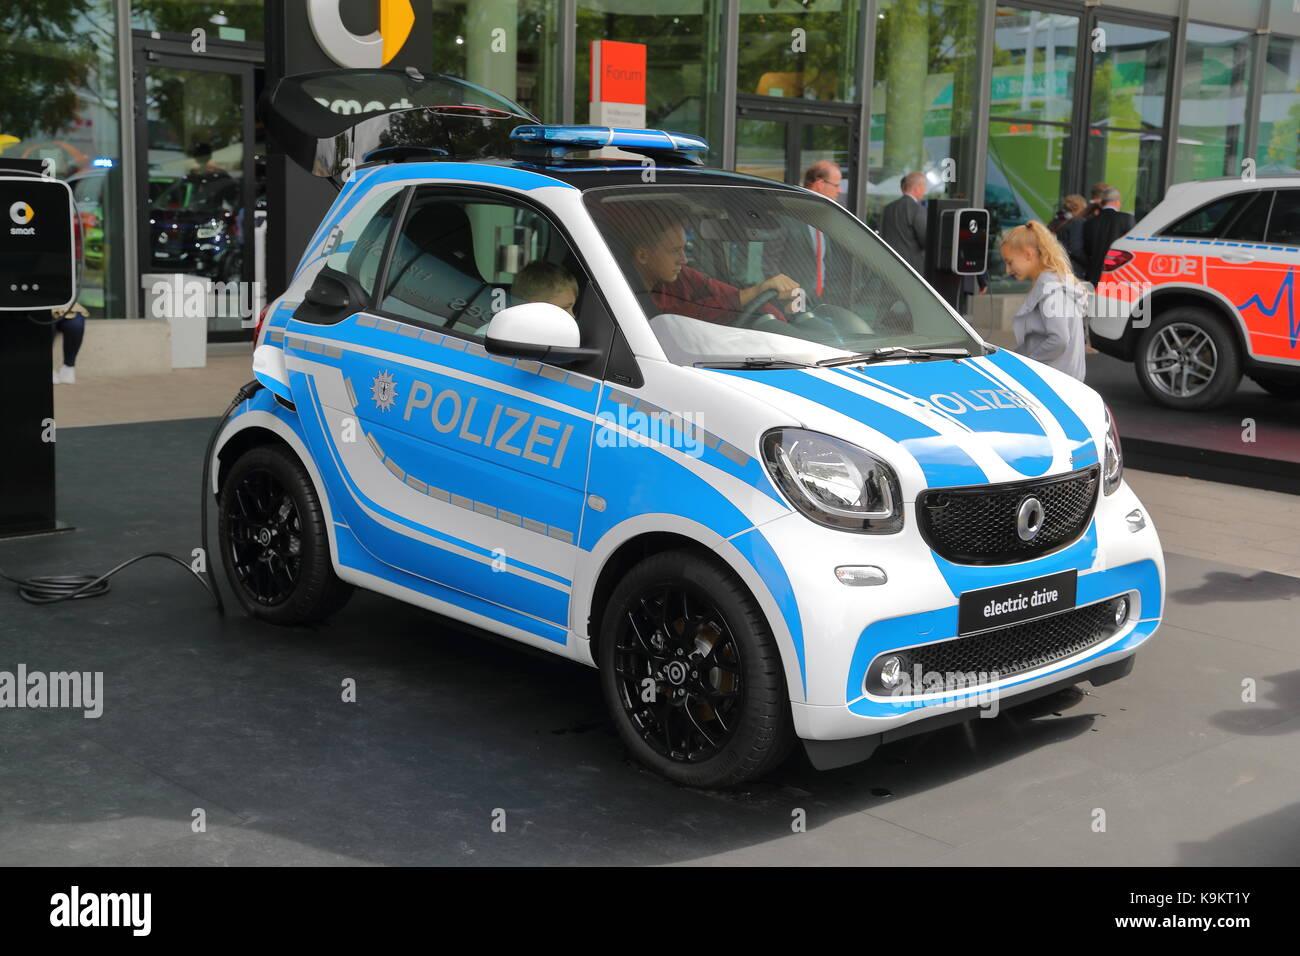 smart car police stockfotos smart car police bilder alamy. Black Bedroom Furniture Sets. Home Design Ideas